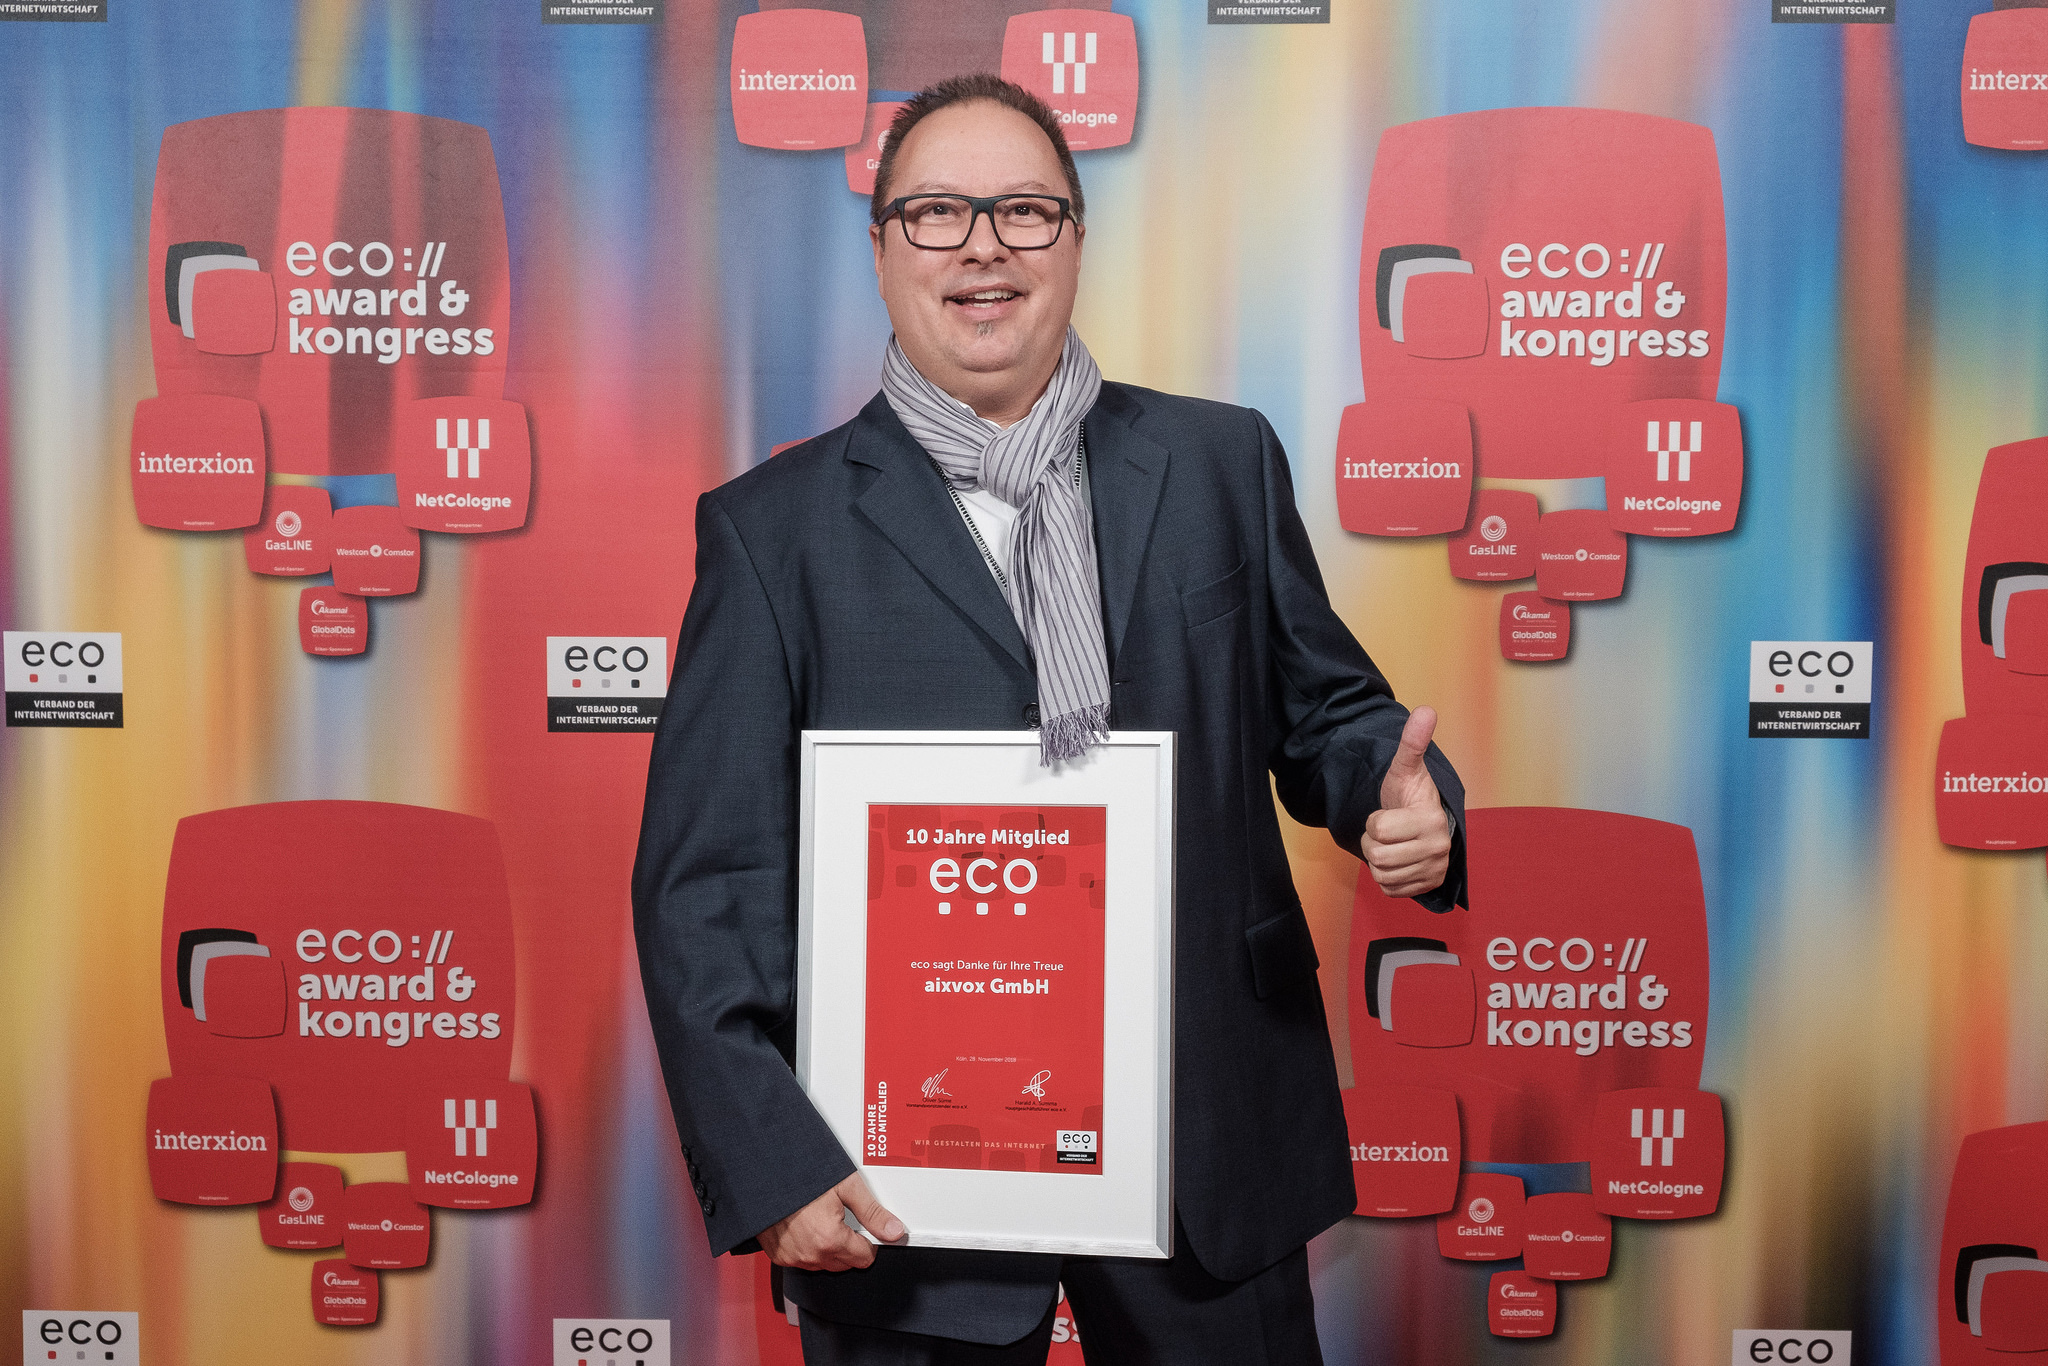 eco://kongress & eco:awards: Gemeinsam die digitale Zukunft gestalten 26